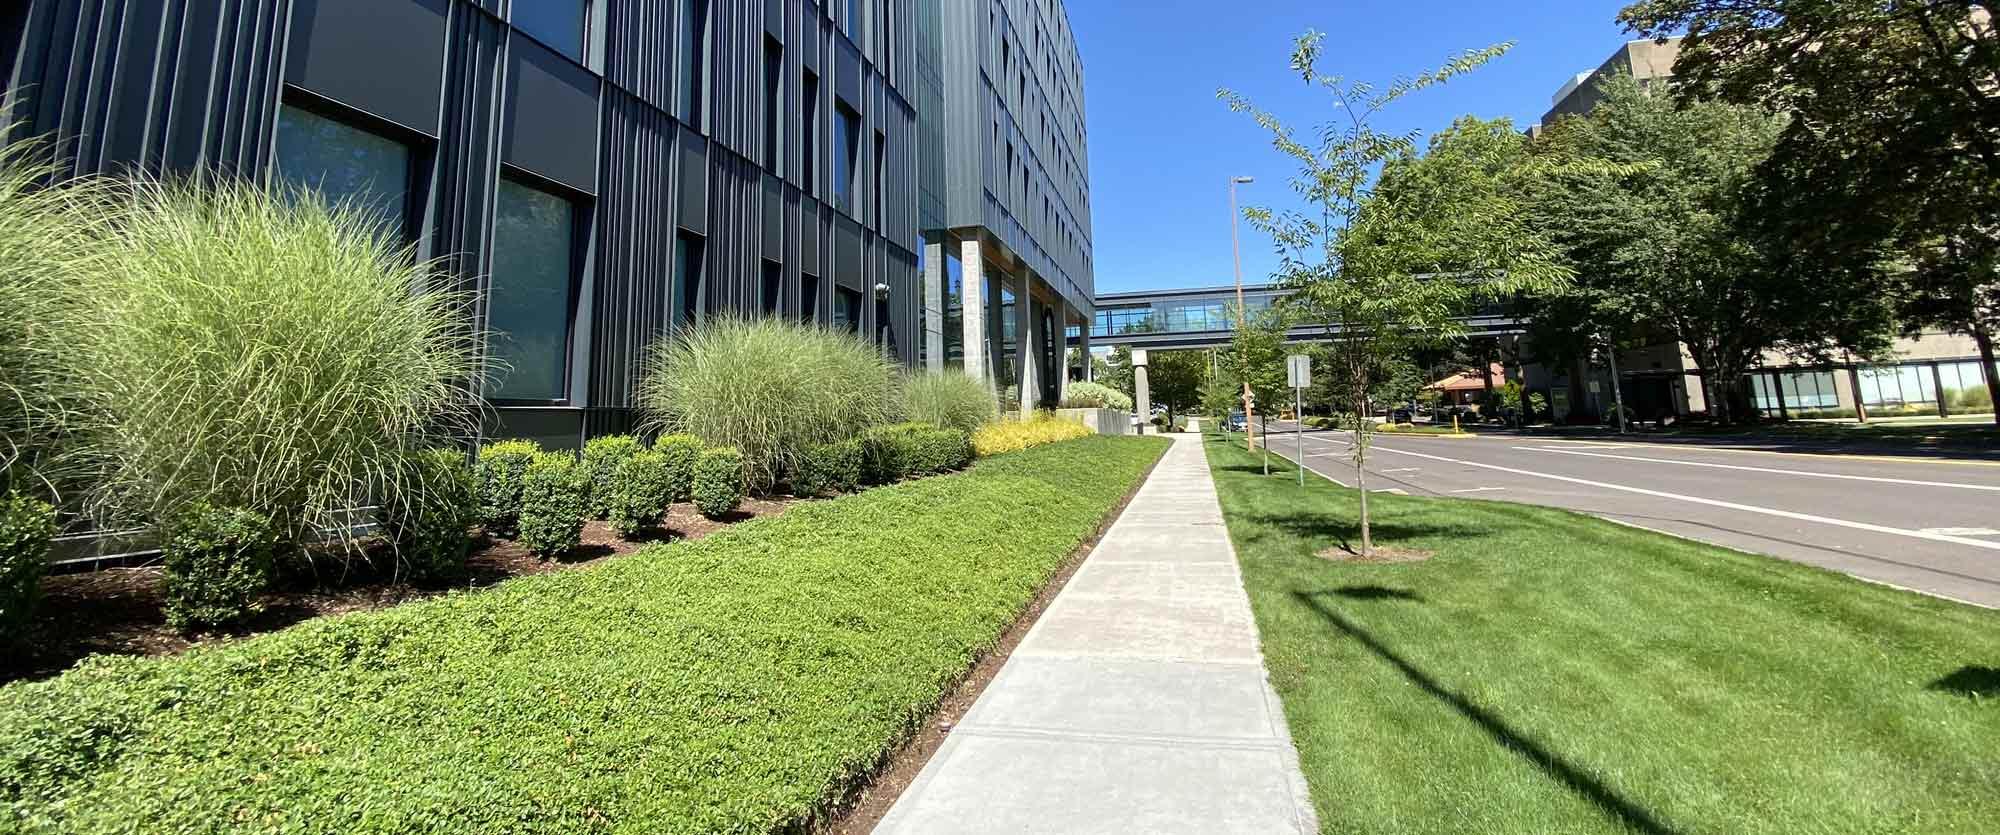 Desantis Commercial Landscaping